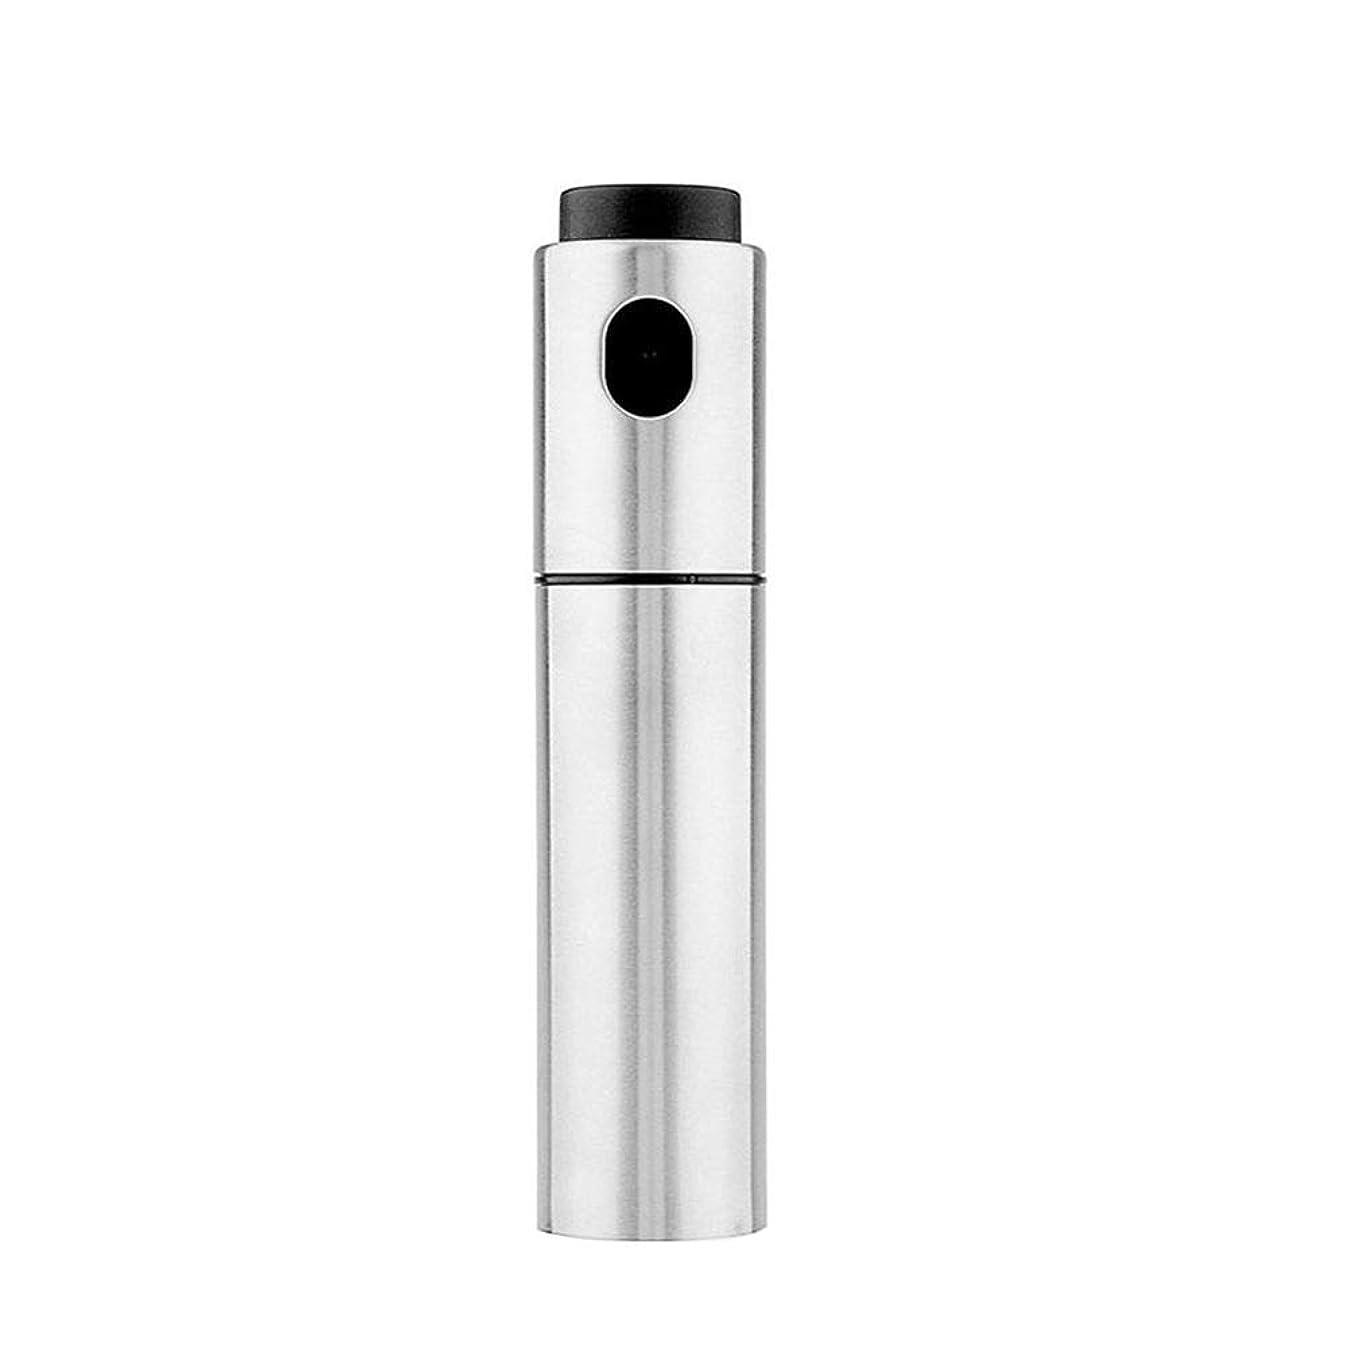 並外れて合意パズルオイル噴霧器燃料噴射ボトルキッチン家庭用ステンレススプレー缶、